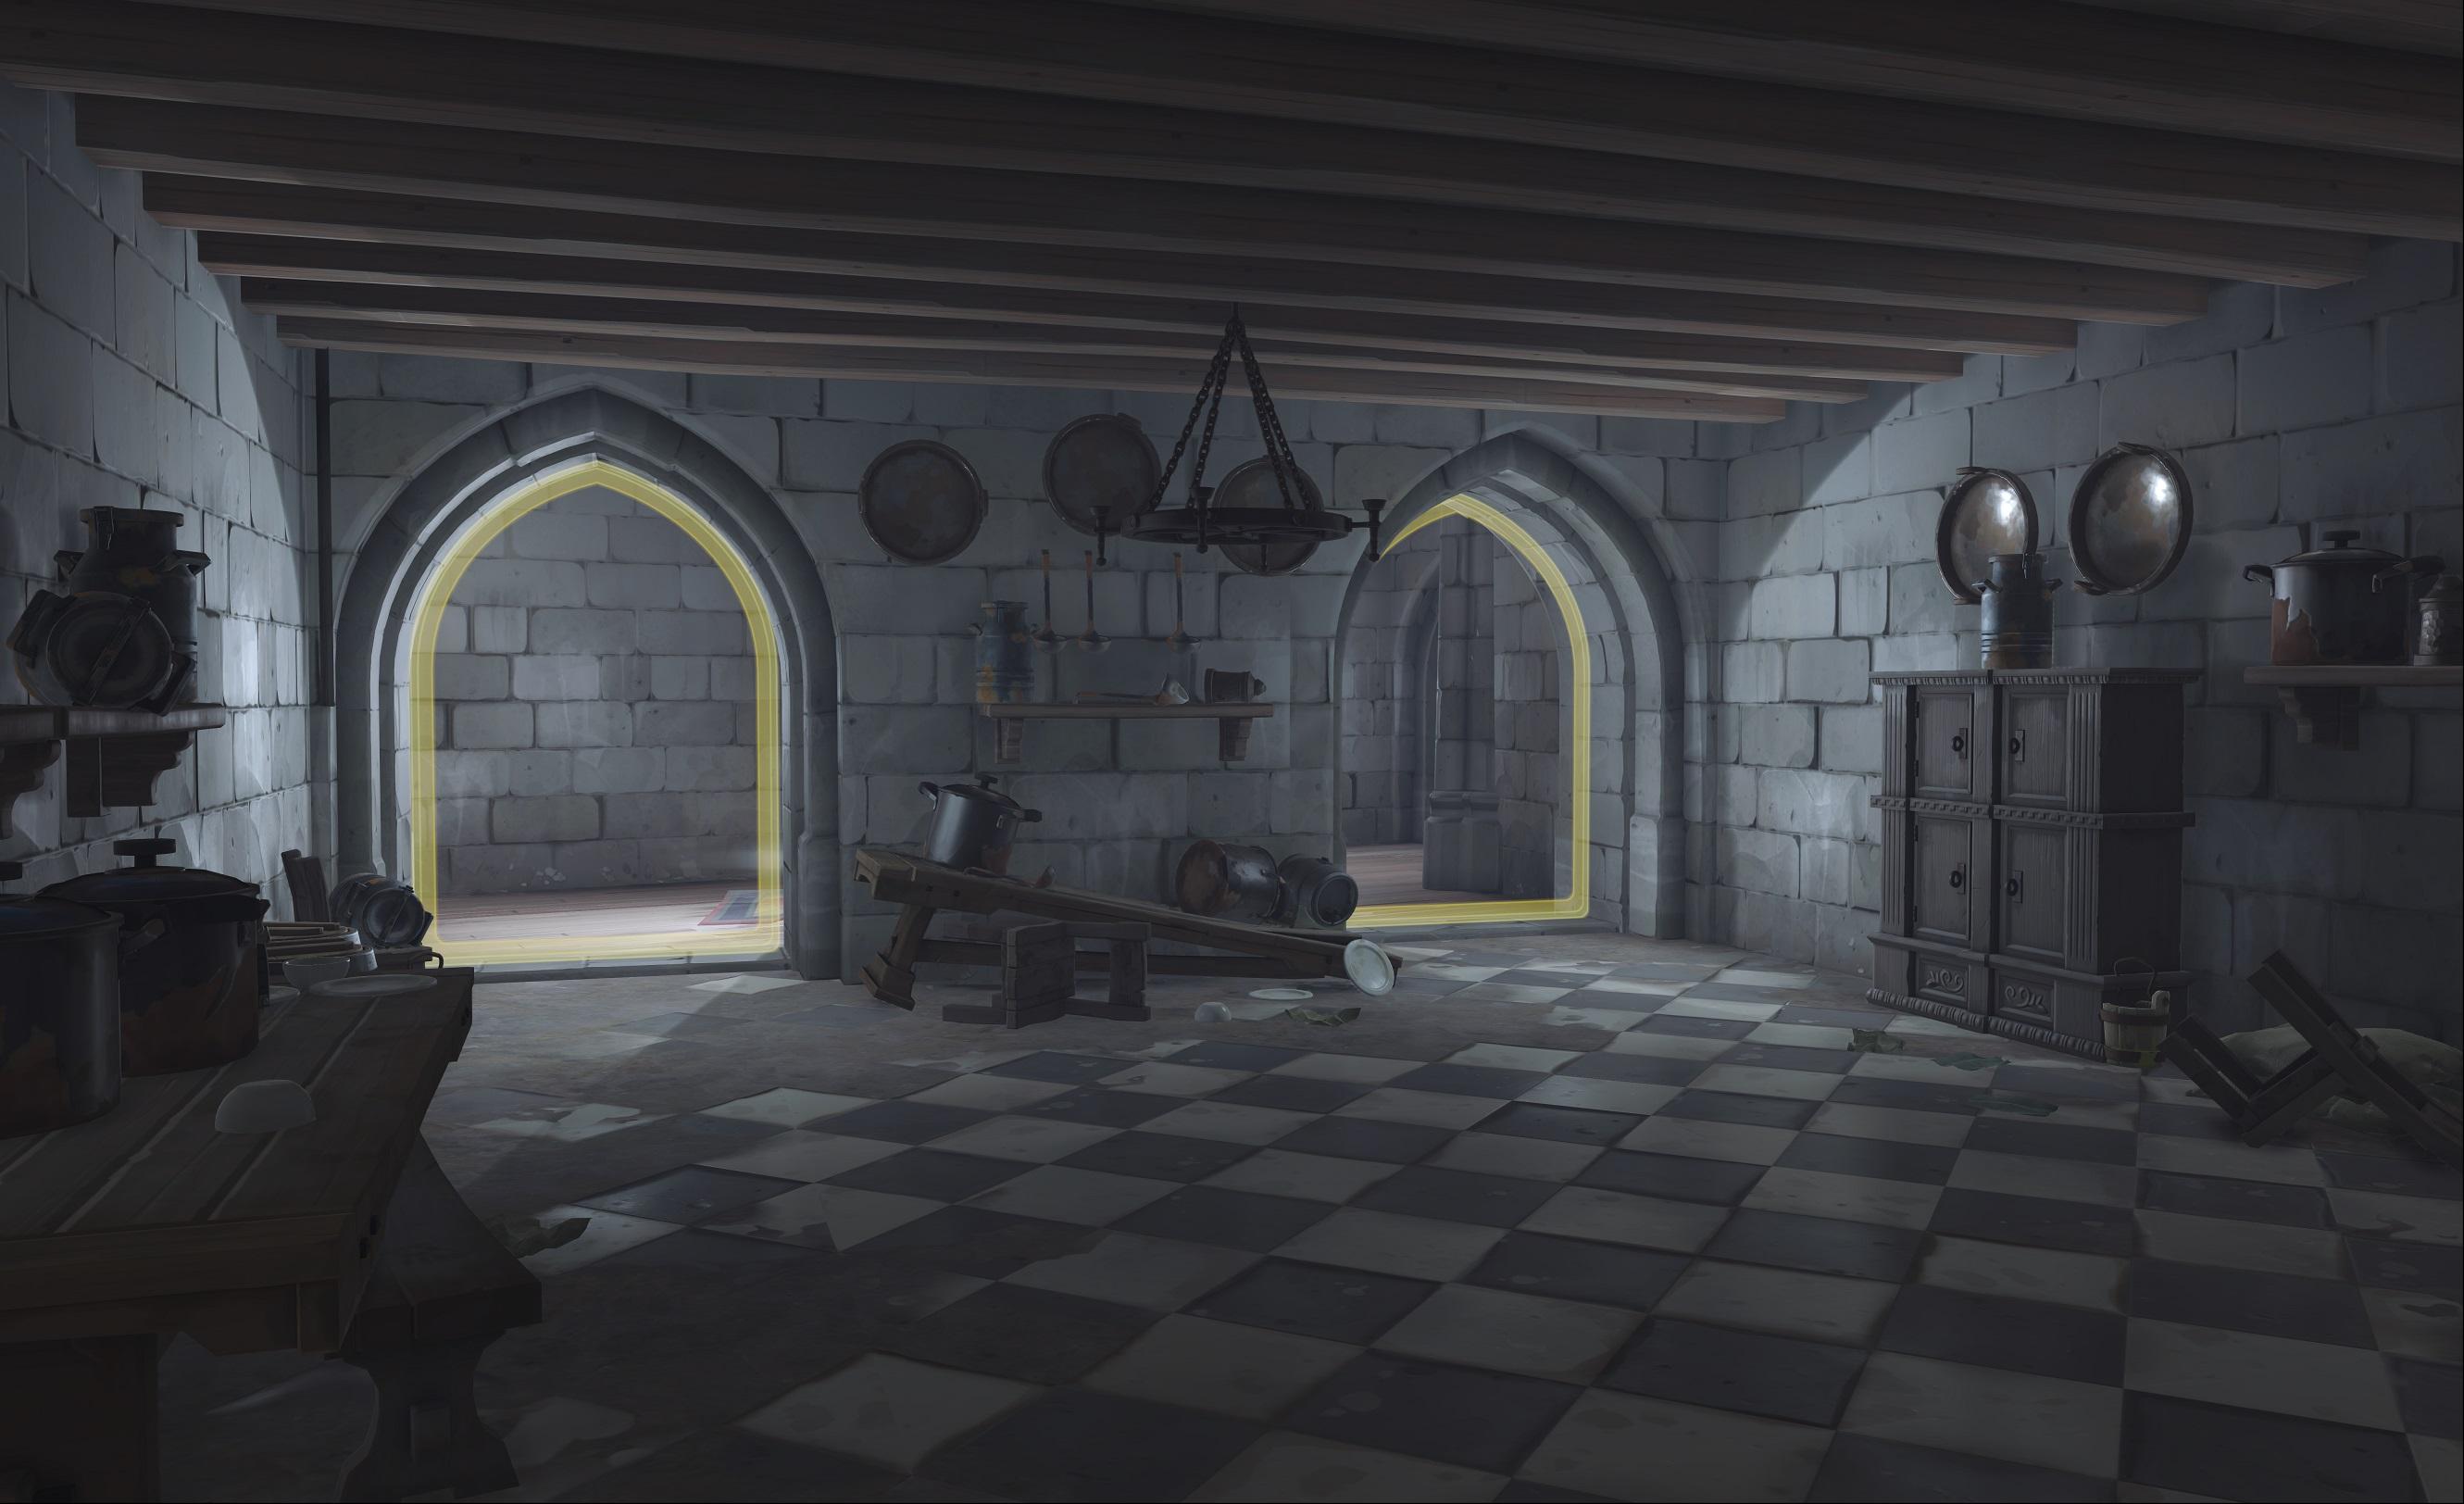 Nová mapa pro Overwatch nás zavede do hradu a přilehlého městečka v Německu 128680